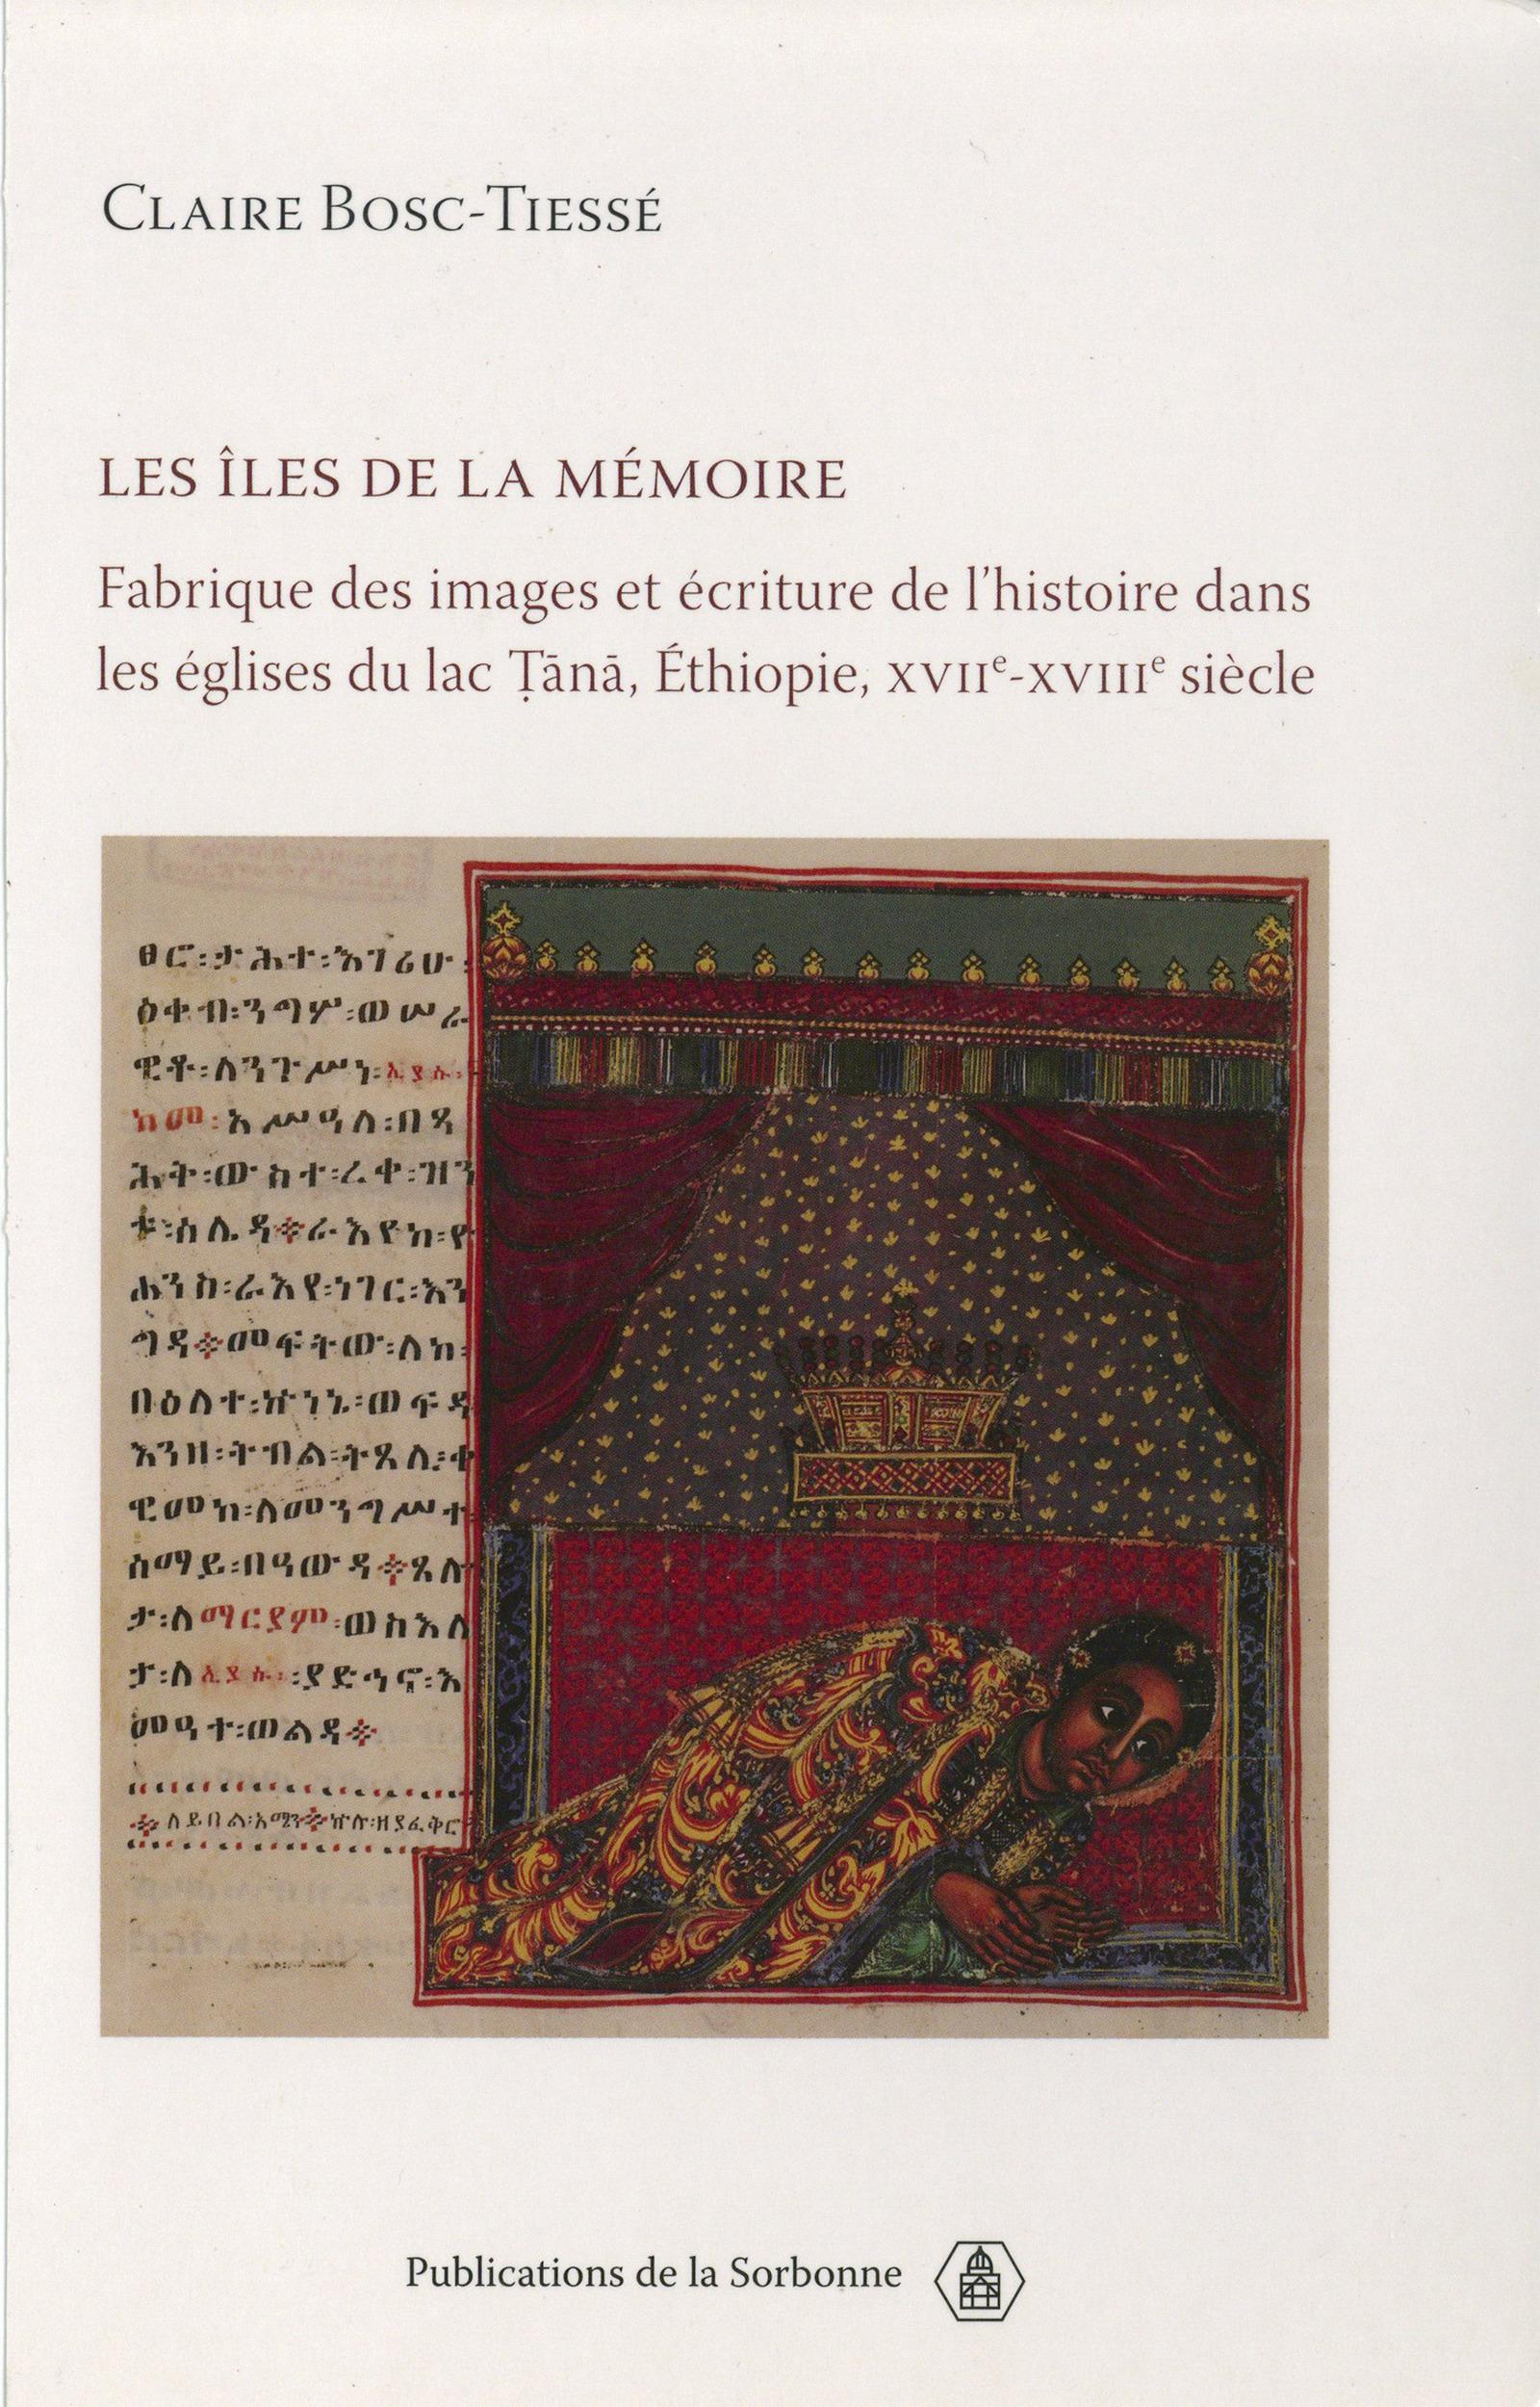 Les îles de la mémoire ; fabrique des images et écriture de l'histoire dans les églises du lac Tana, Ethiopie, XVII-XVIII siècles